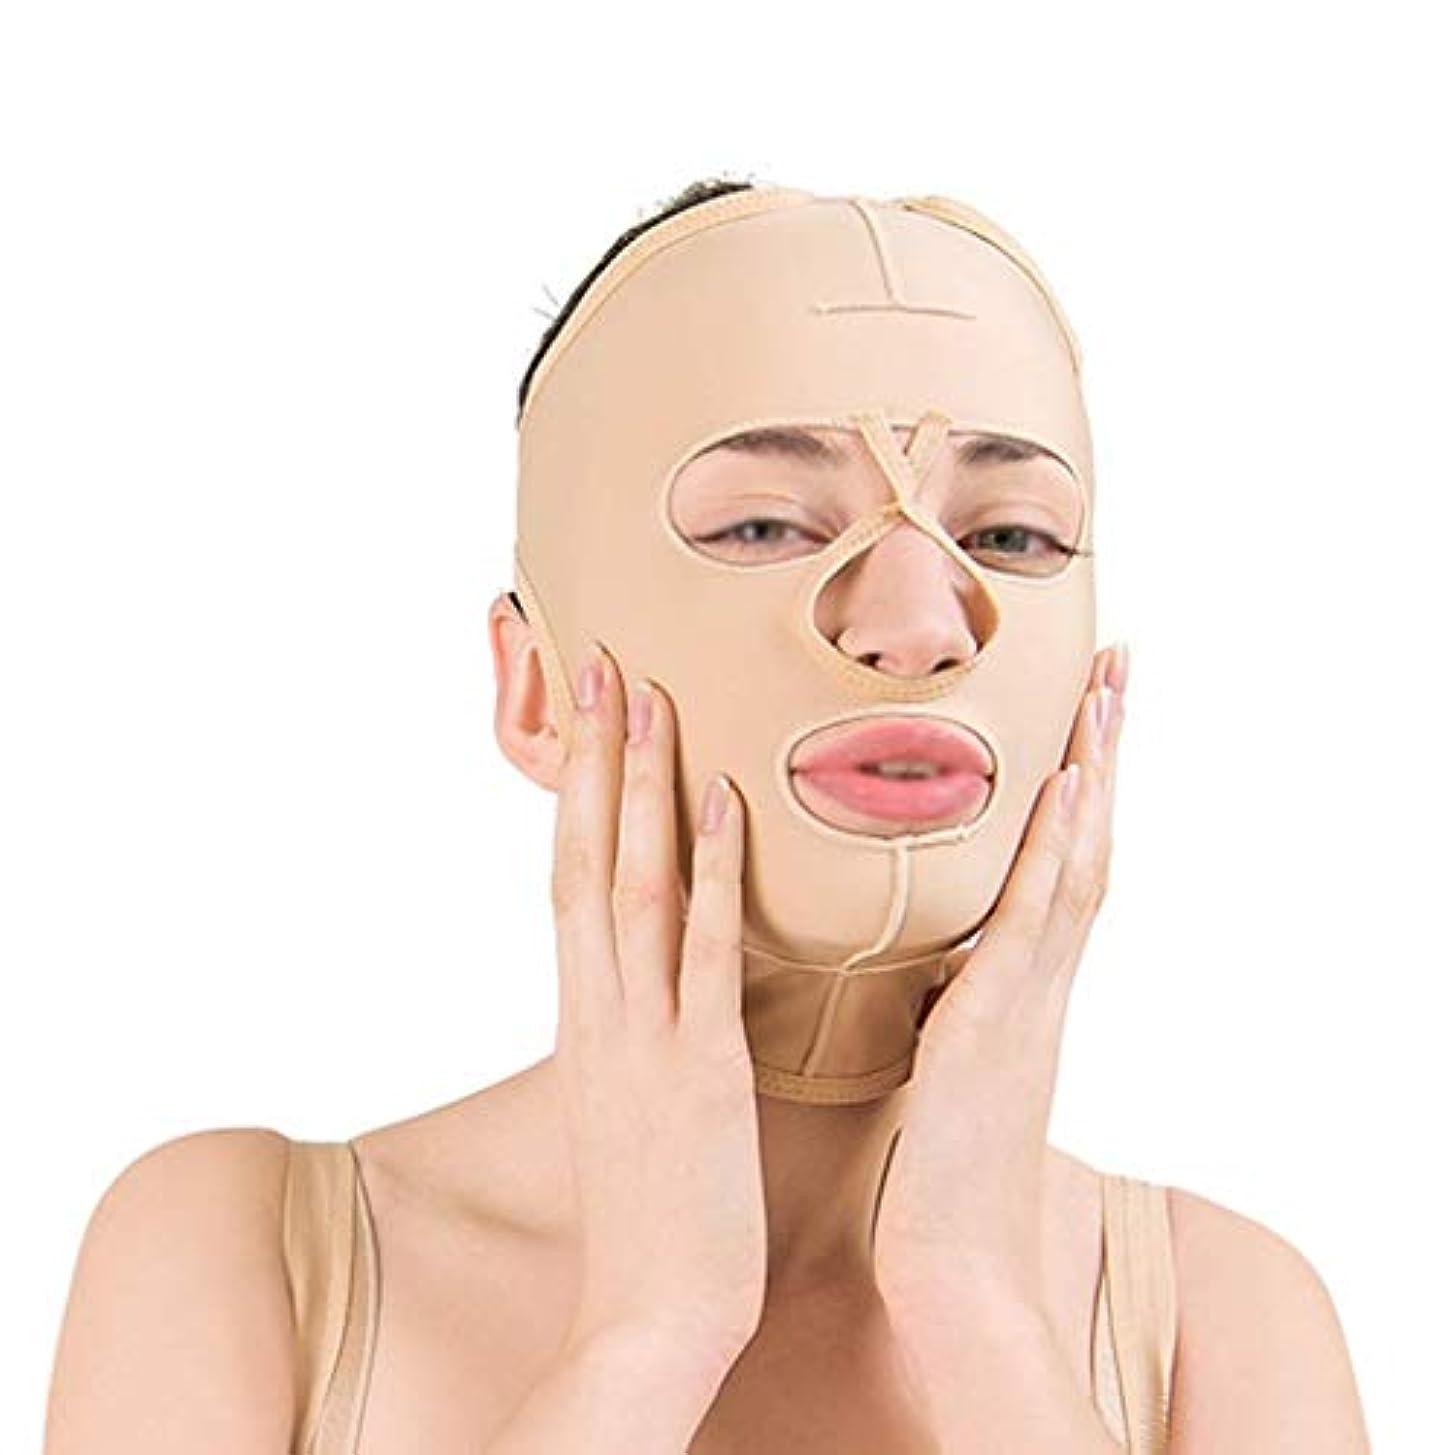 自治モルヒネ硬さフェイススリミングマスク、フェイスバンデージ付きフェイシャル減量マスク、通気性フェイスリフト、引き締め、フェイスリフティング(サイズ:L),M